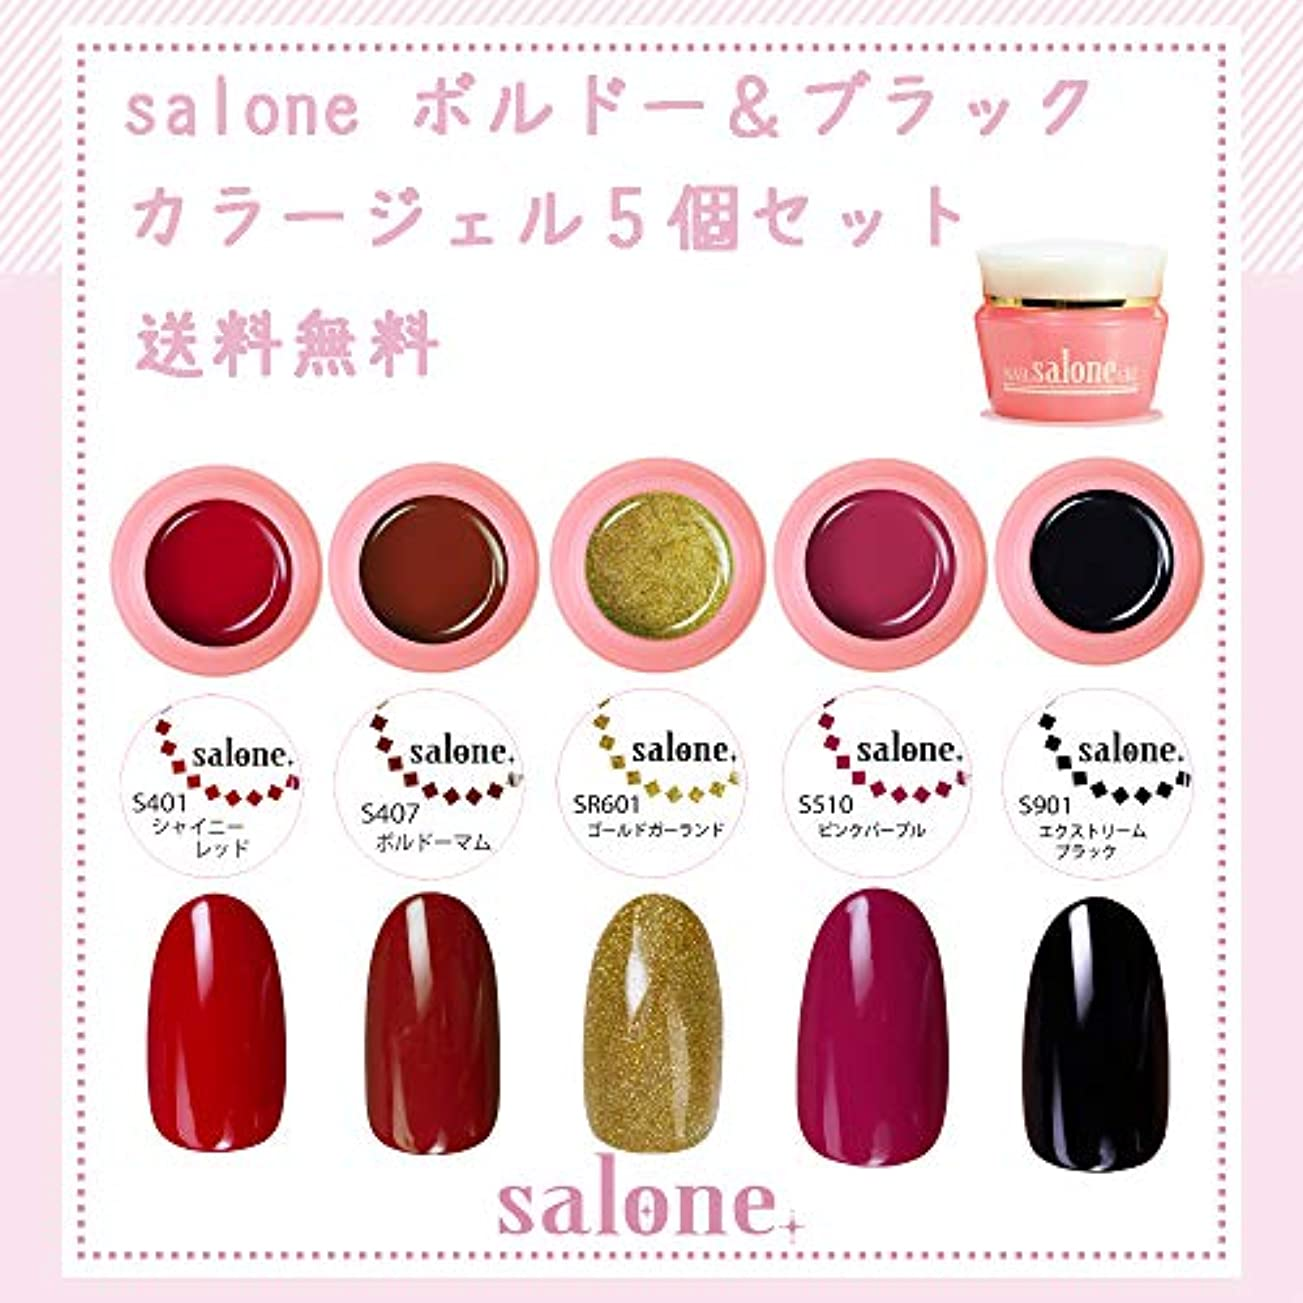 始めるなんとなく比喩【送料無料 日本製】Salone ボルドー&ブラックネイル カラージェル5個セット ネイルのマストカラーボルドーとブラックカラー